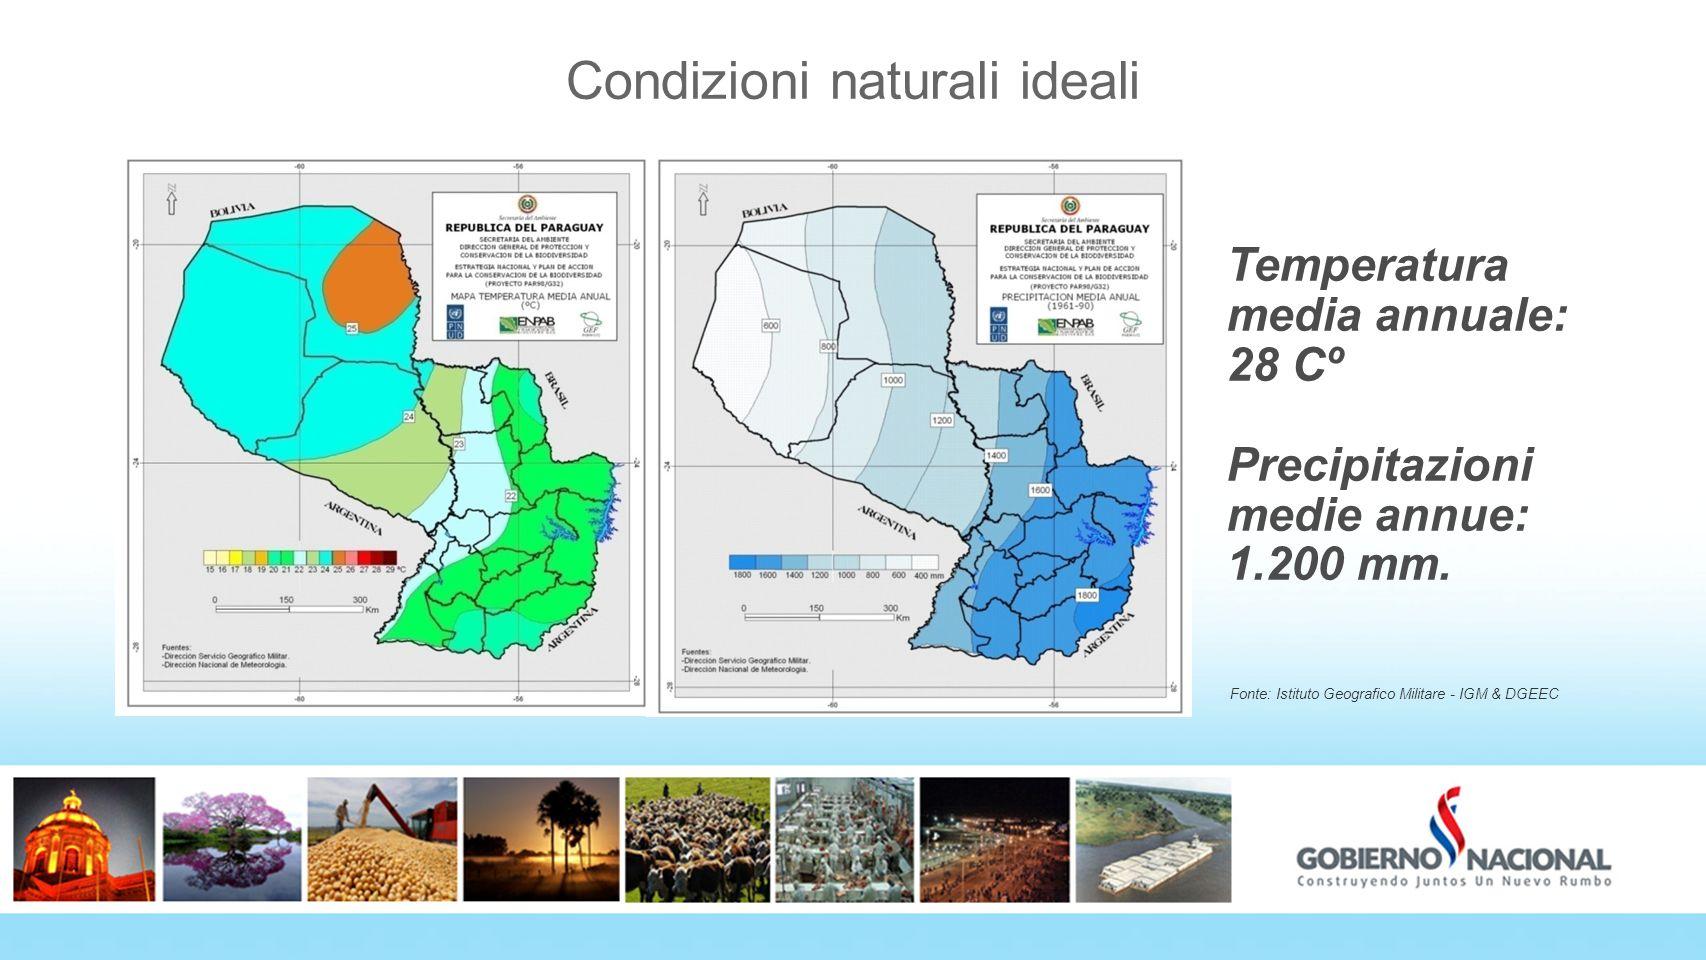 Temperatura media annuale: 28 Cº Precipitazioni medie annue: 1.200 mm. Fonte: Istituto Geografico Militare - IGM & DGEEC Condizioni naturali ideali